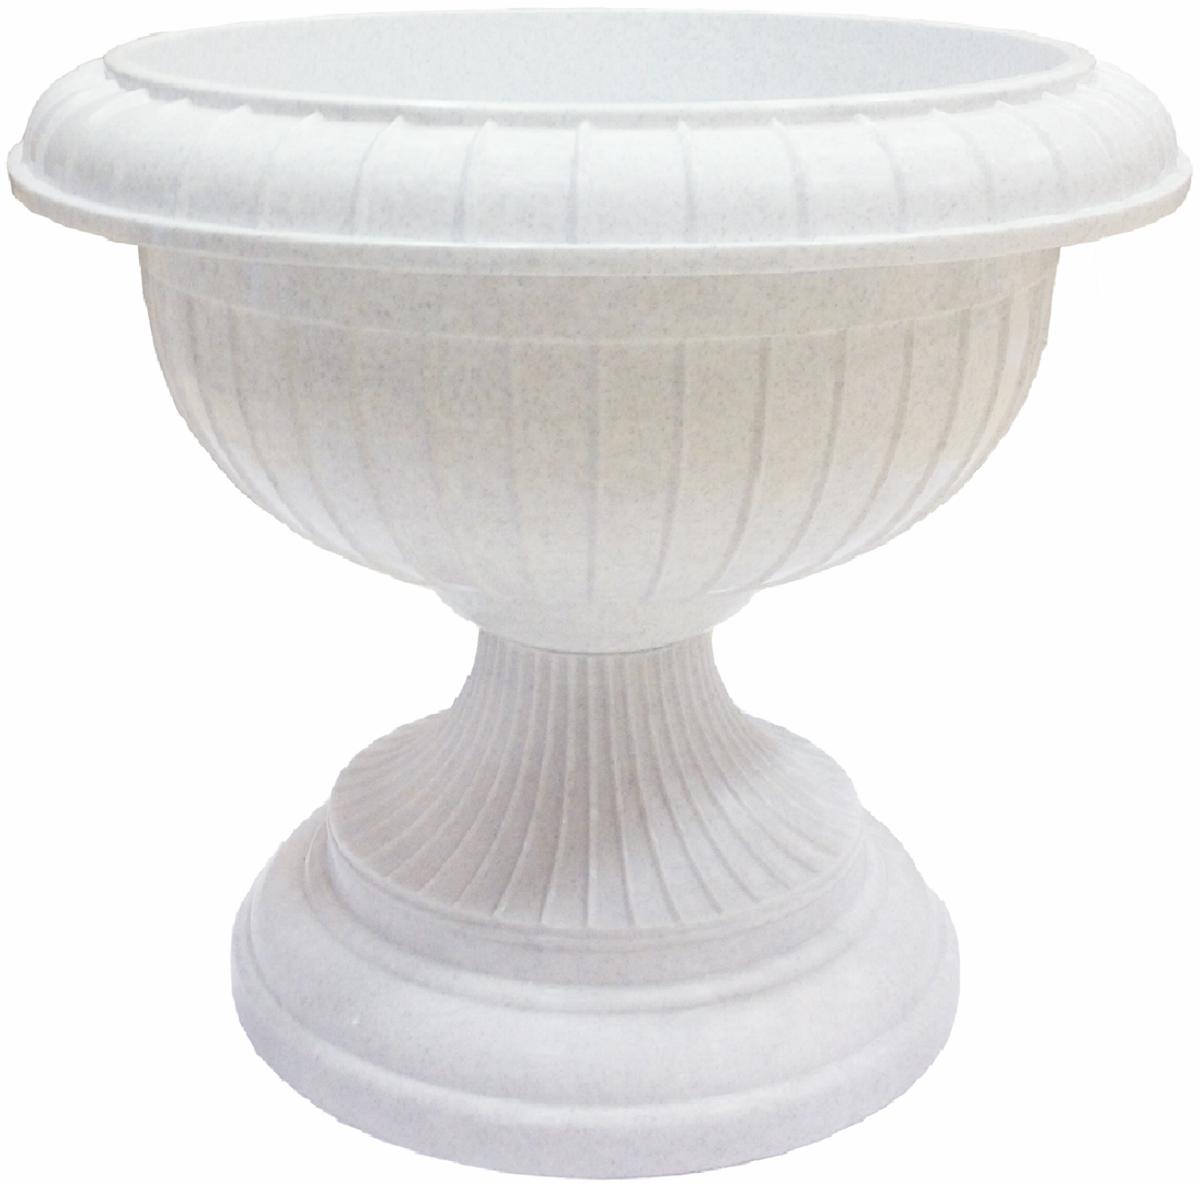 Вазон InGreen, цвет: мраморный, высота 33 смING1451МРВазон InGreen, выполненный из высококачественного пластика, станет прекрасным элементом декора загородного дома, квартиры, офиса или любого другого помещения. Вазон имеет сборную конструкцию из 2 частей: чаши и ножки. Изделие выполнено в классическом стиле и может быть установлено как на балюстраду, так и на ровную поверхность.Такой вазон прекрасно подойдет для выращивания цветов и однолетних растений.